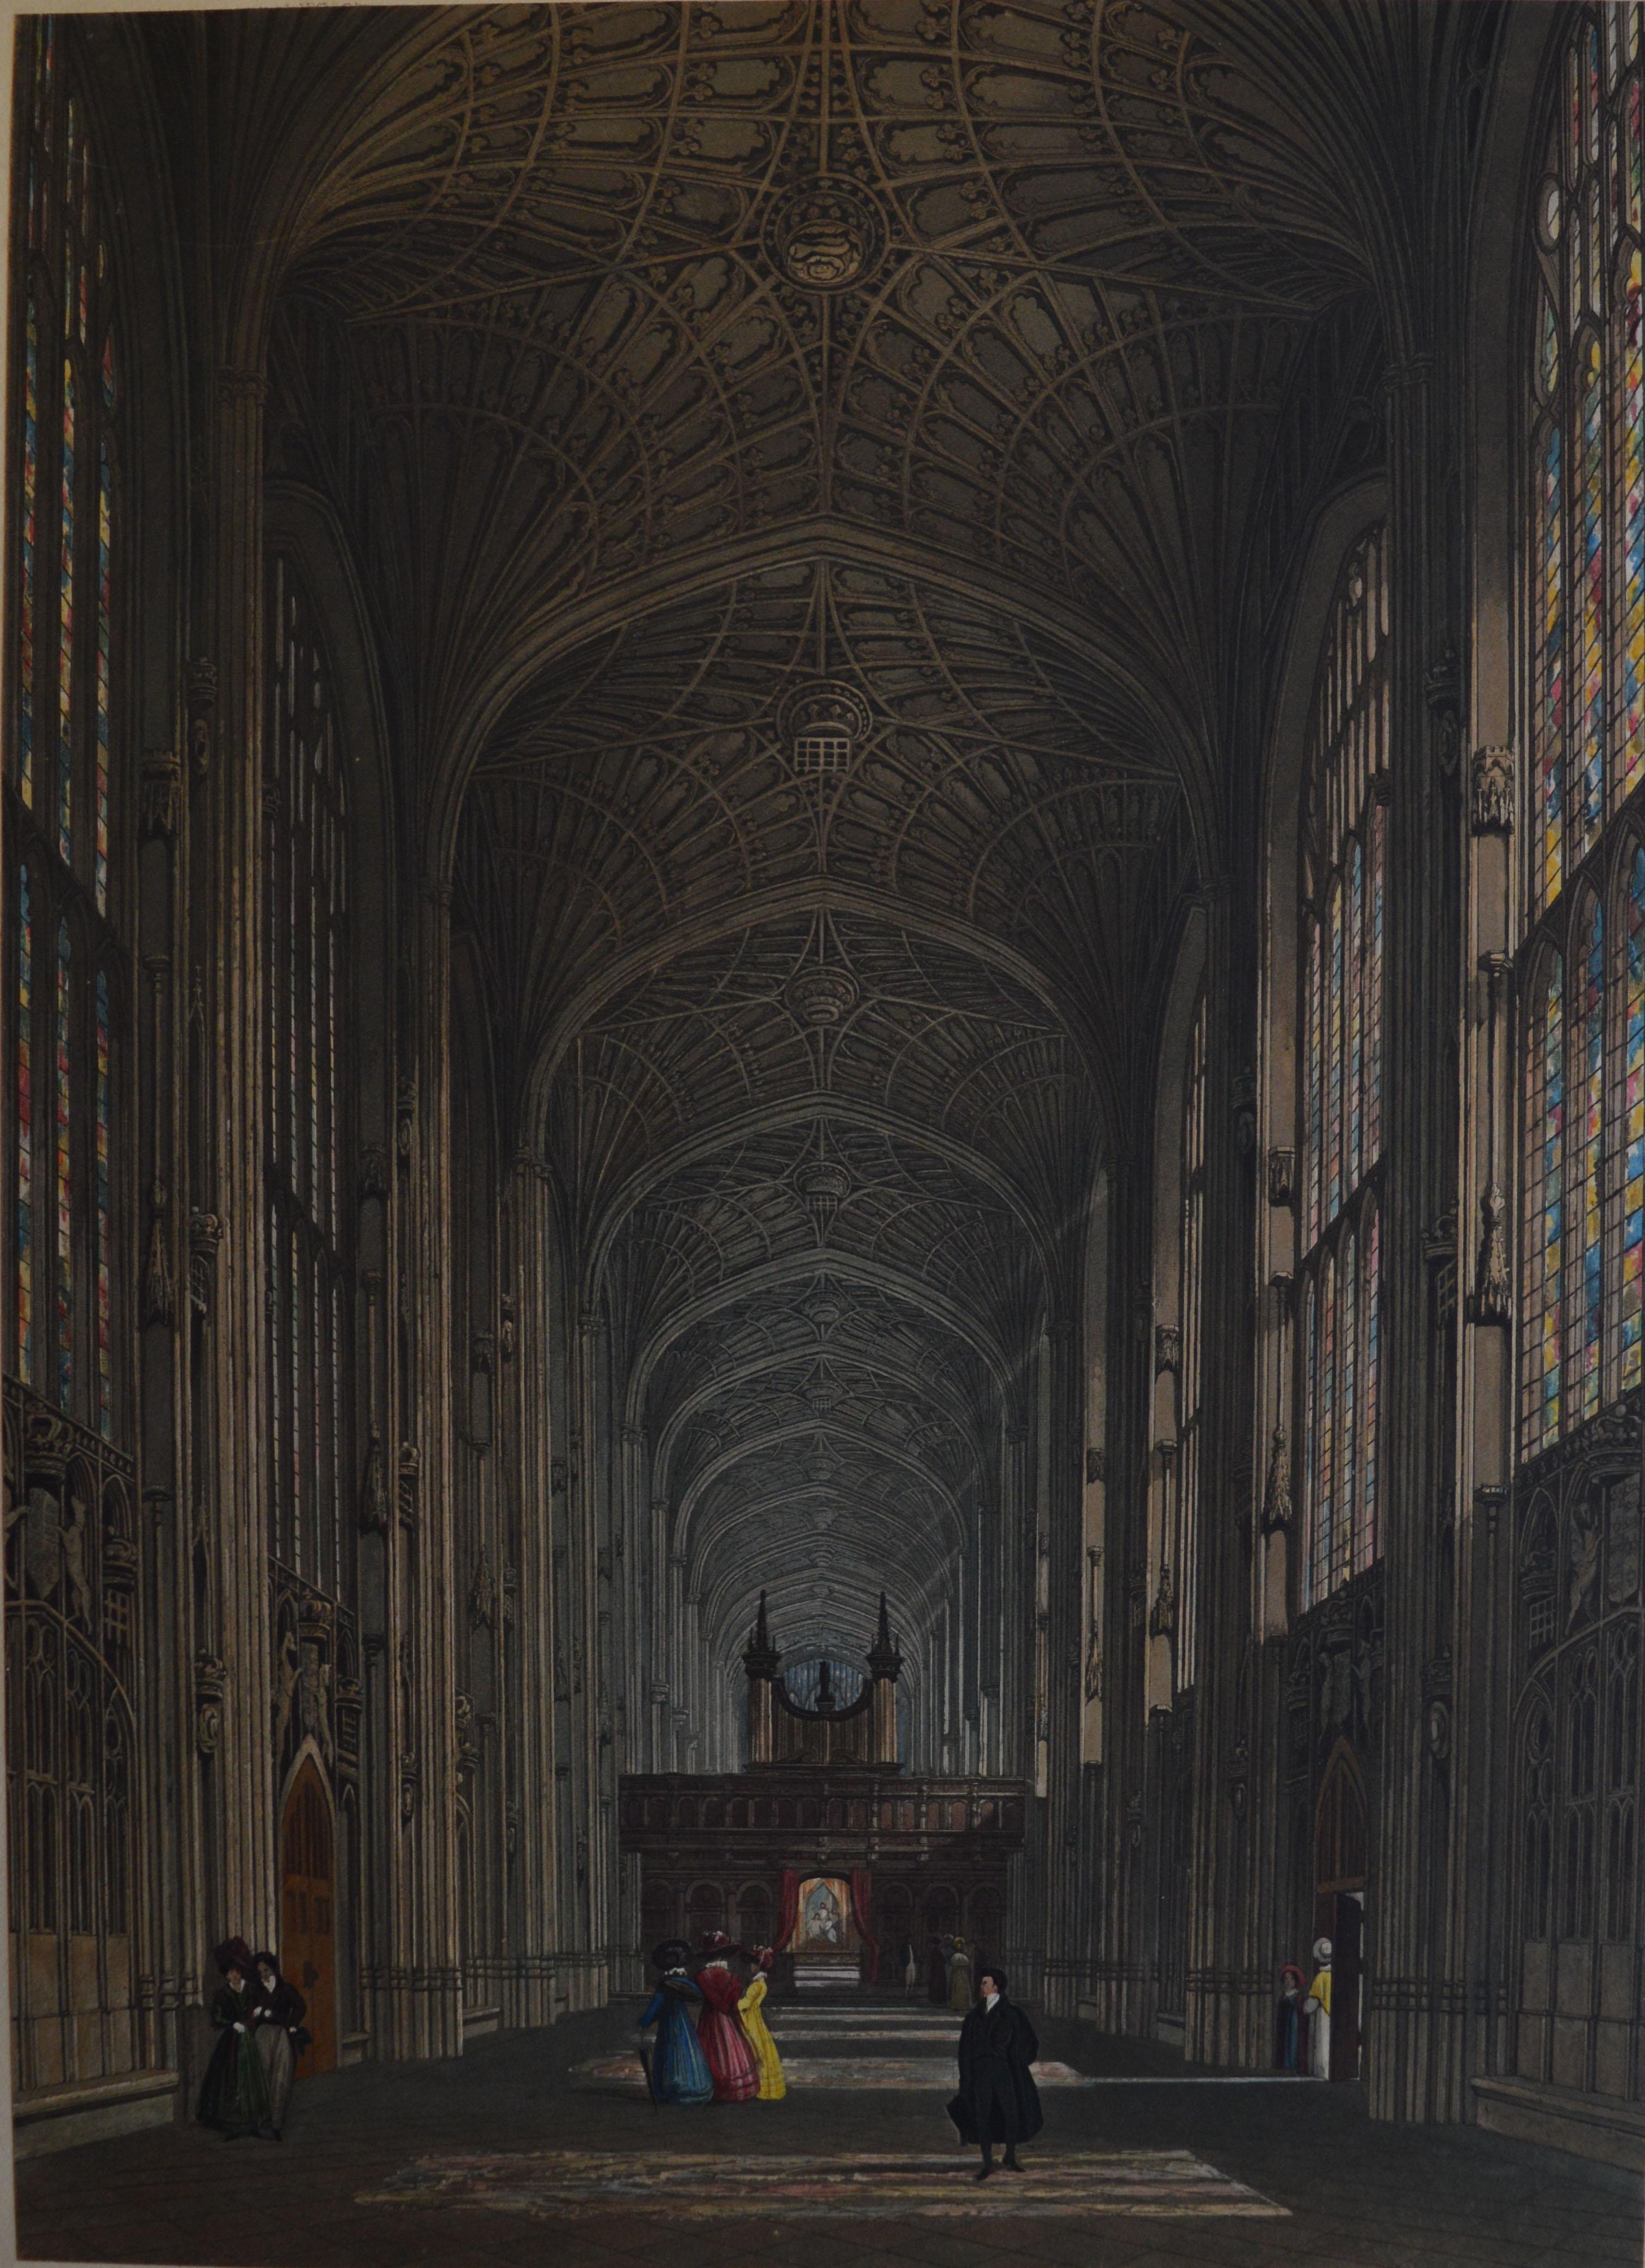 The organ case in 1828 had no angels. (KCC/455)